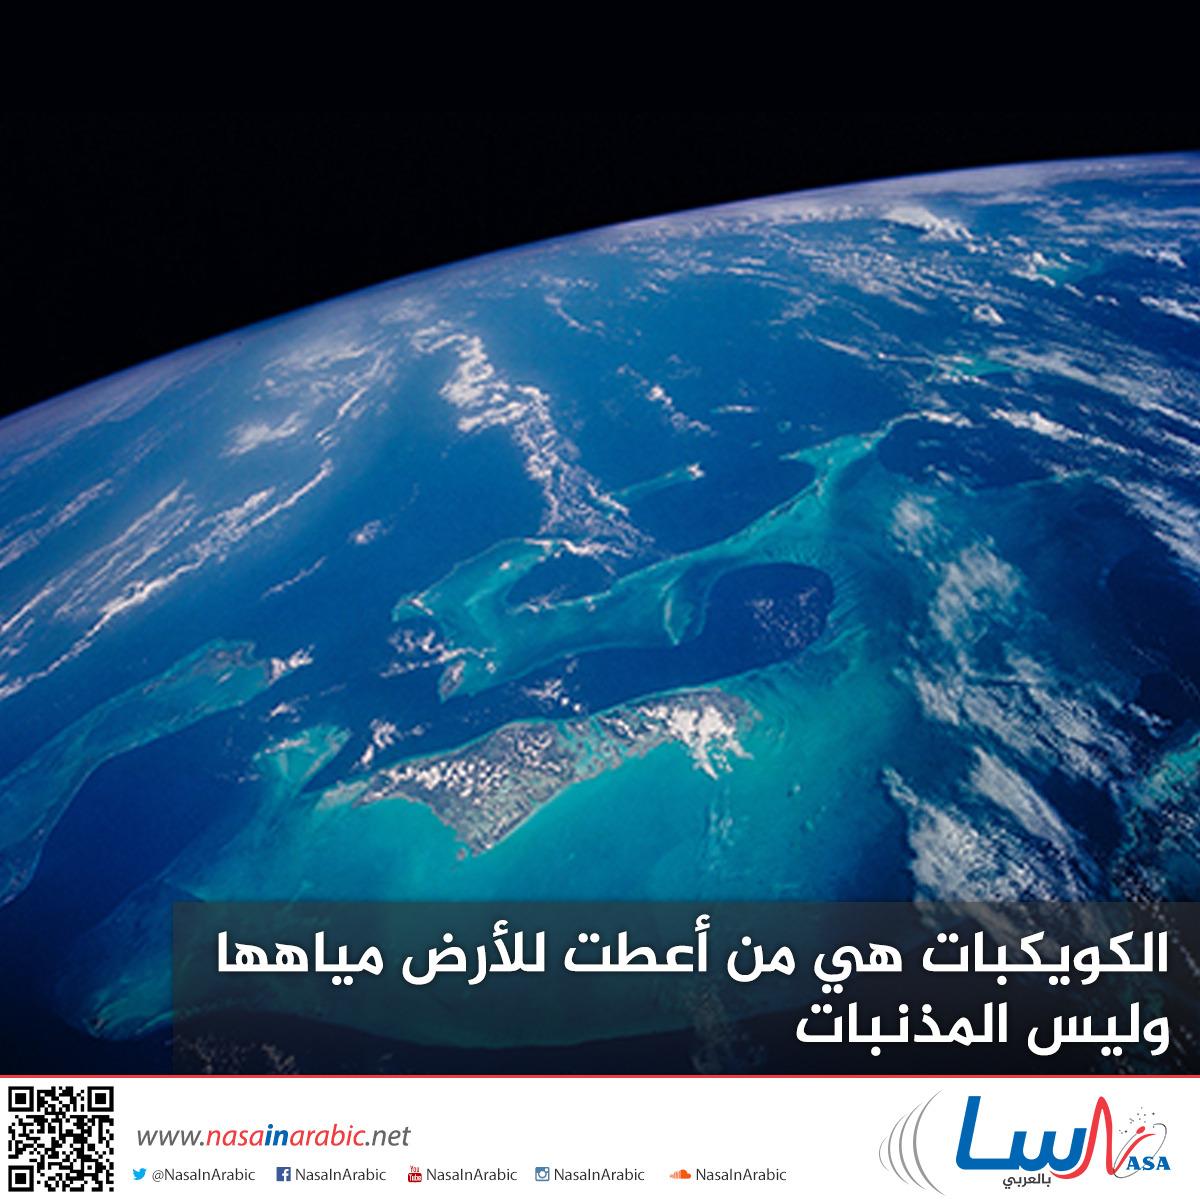 الكويكبات هي من أعطت للأرض مياهها وليس المذنبات